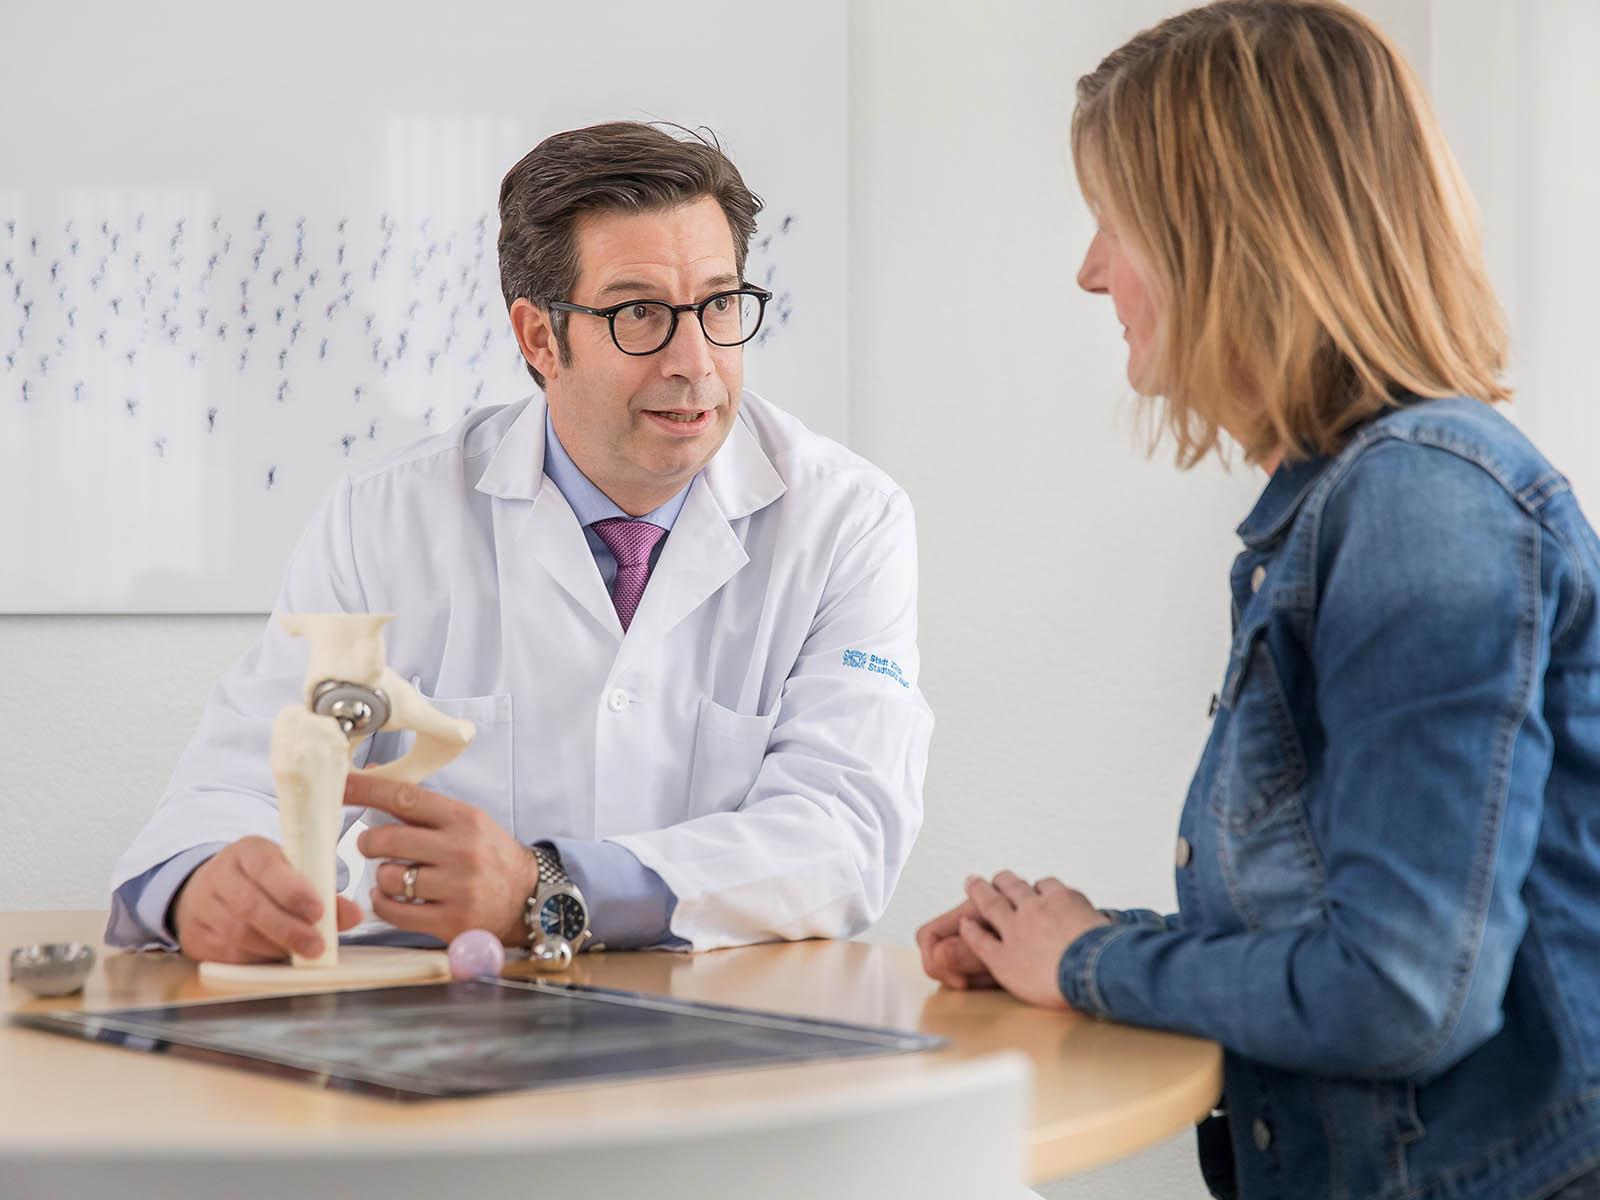 PD Dr. med. Michael Dietrich, Chefarzt Klinik für Orthopädie, Hand- und Unfallchirurgie, Stadtspital Waid und Triemli.